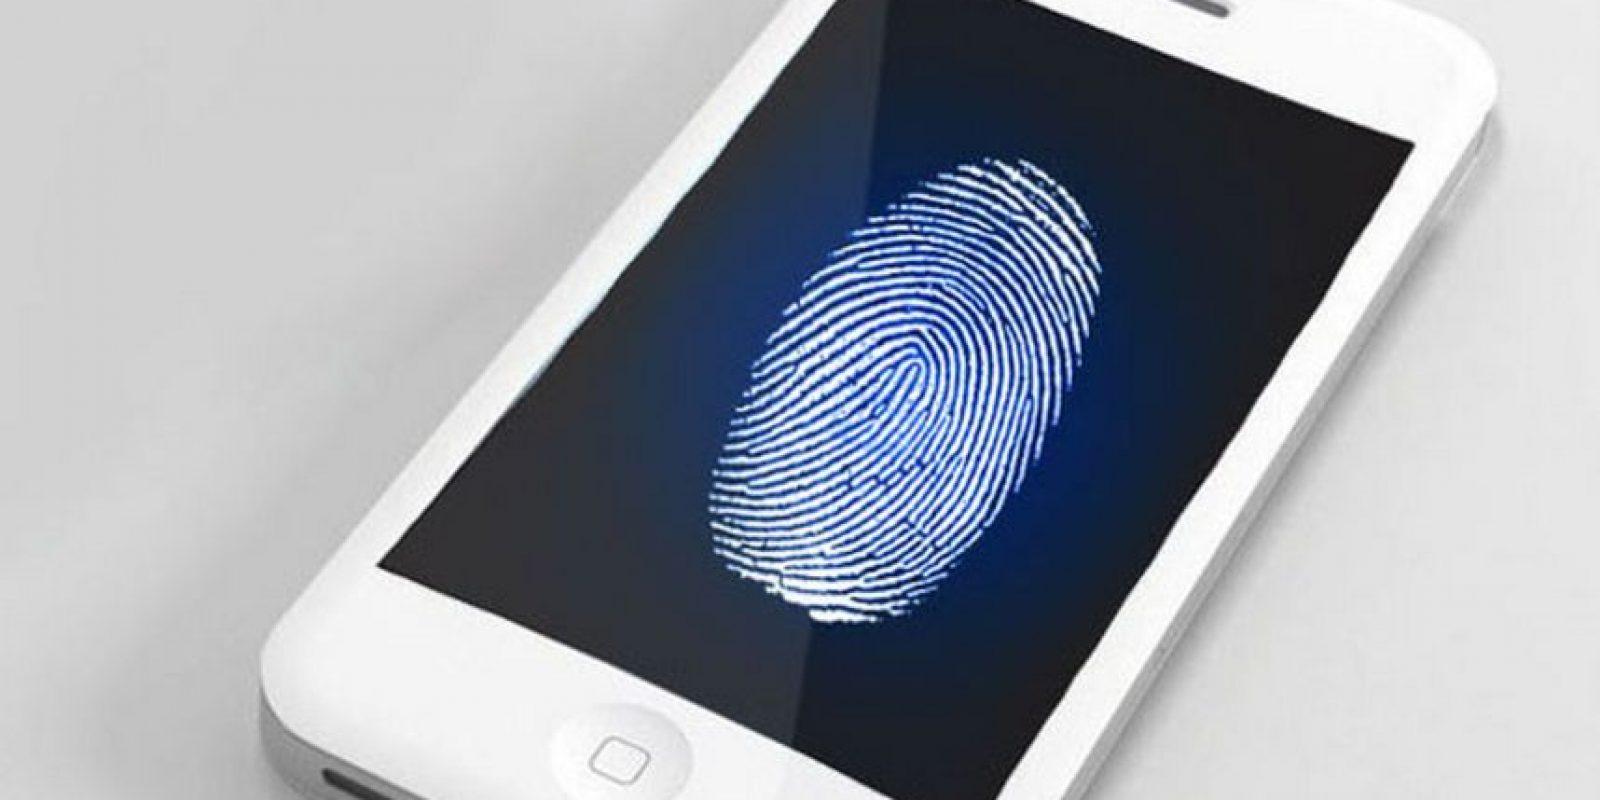 La seguridad virtual cada vez toma mucho más detalles para salvaguardar la informacion digital. Foto:Instagram